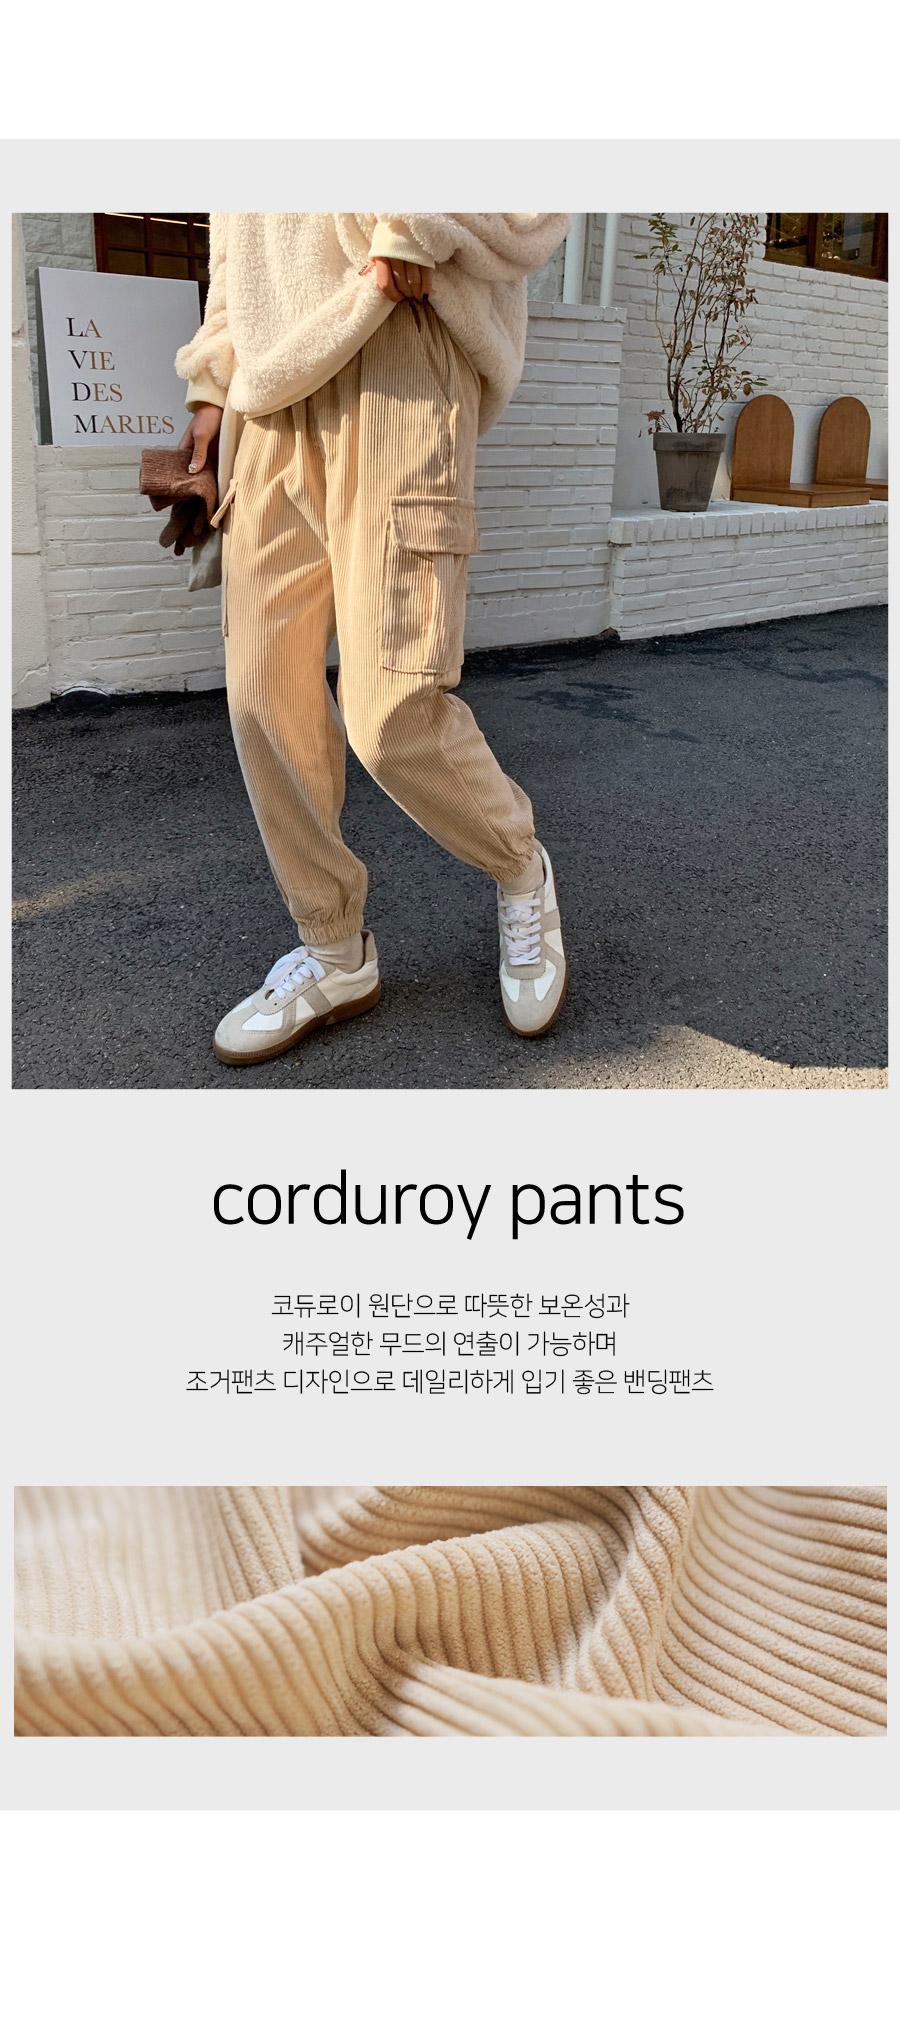 Feno corduroy banding joker pants